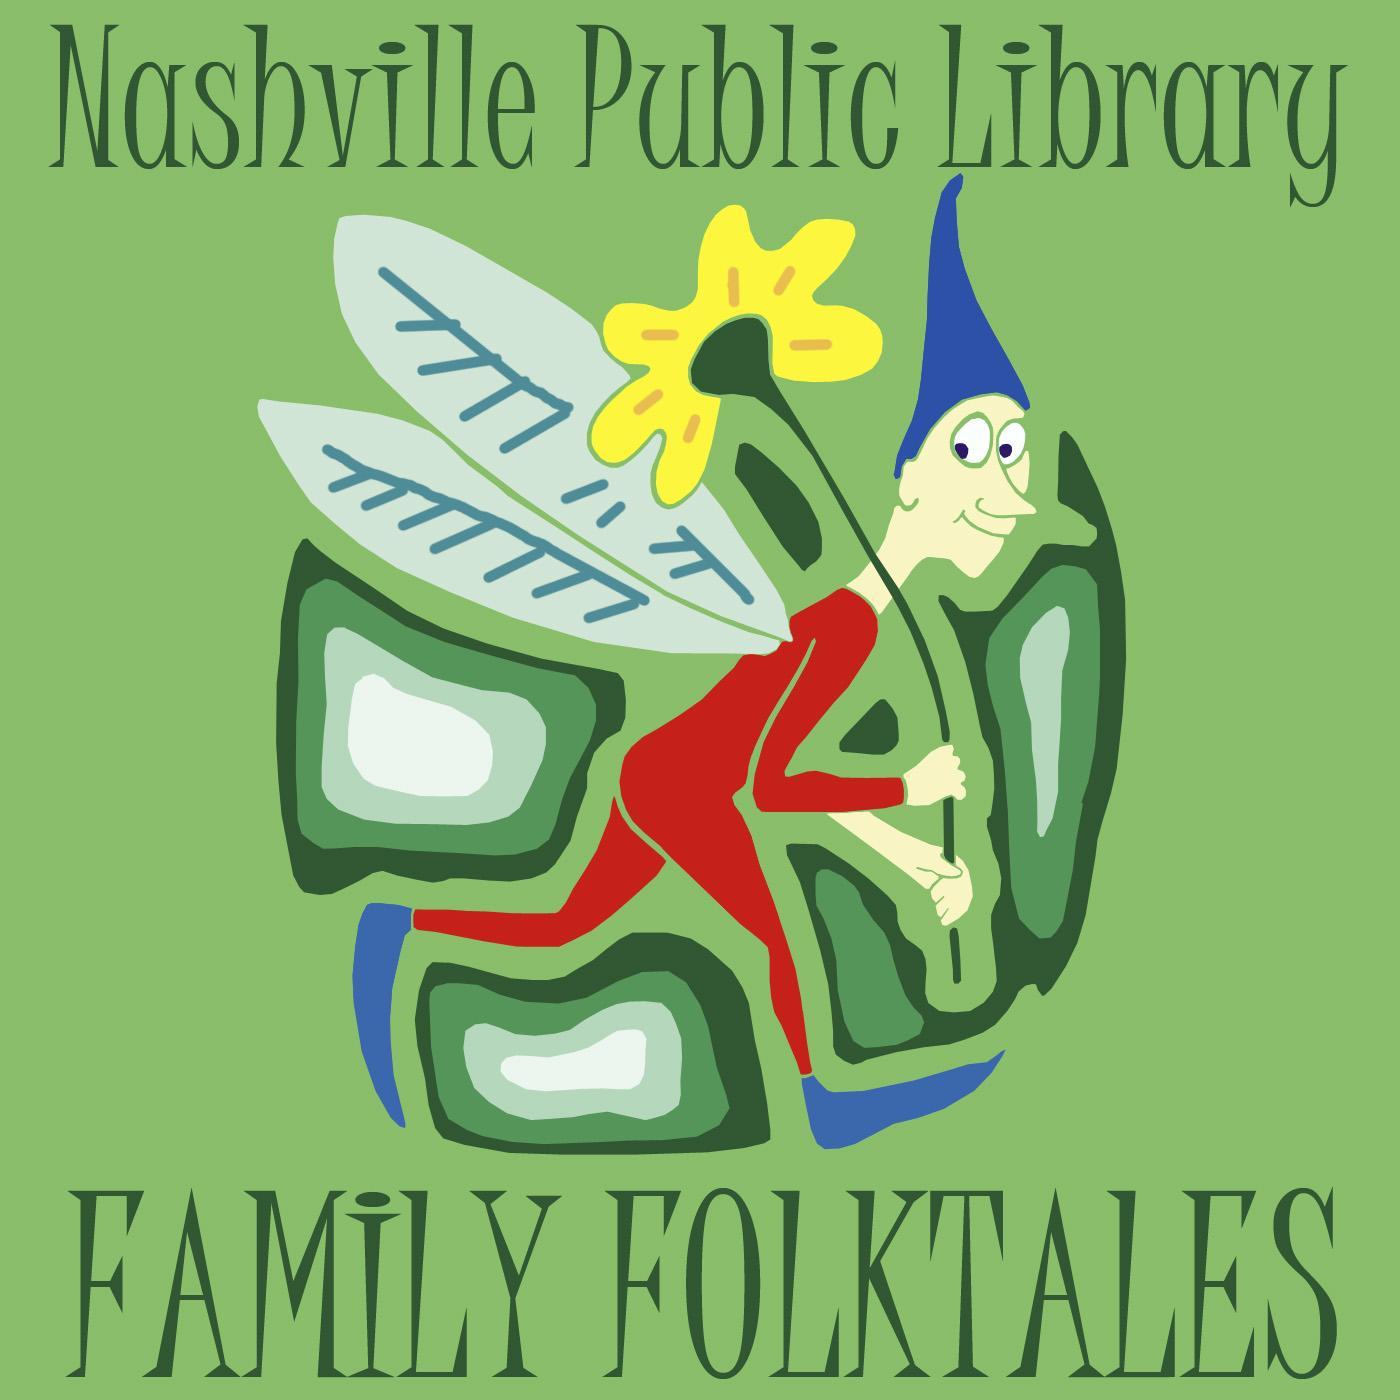 family folktales logo